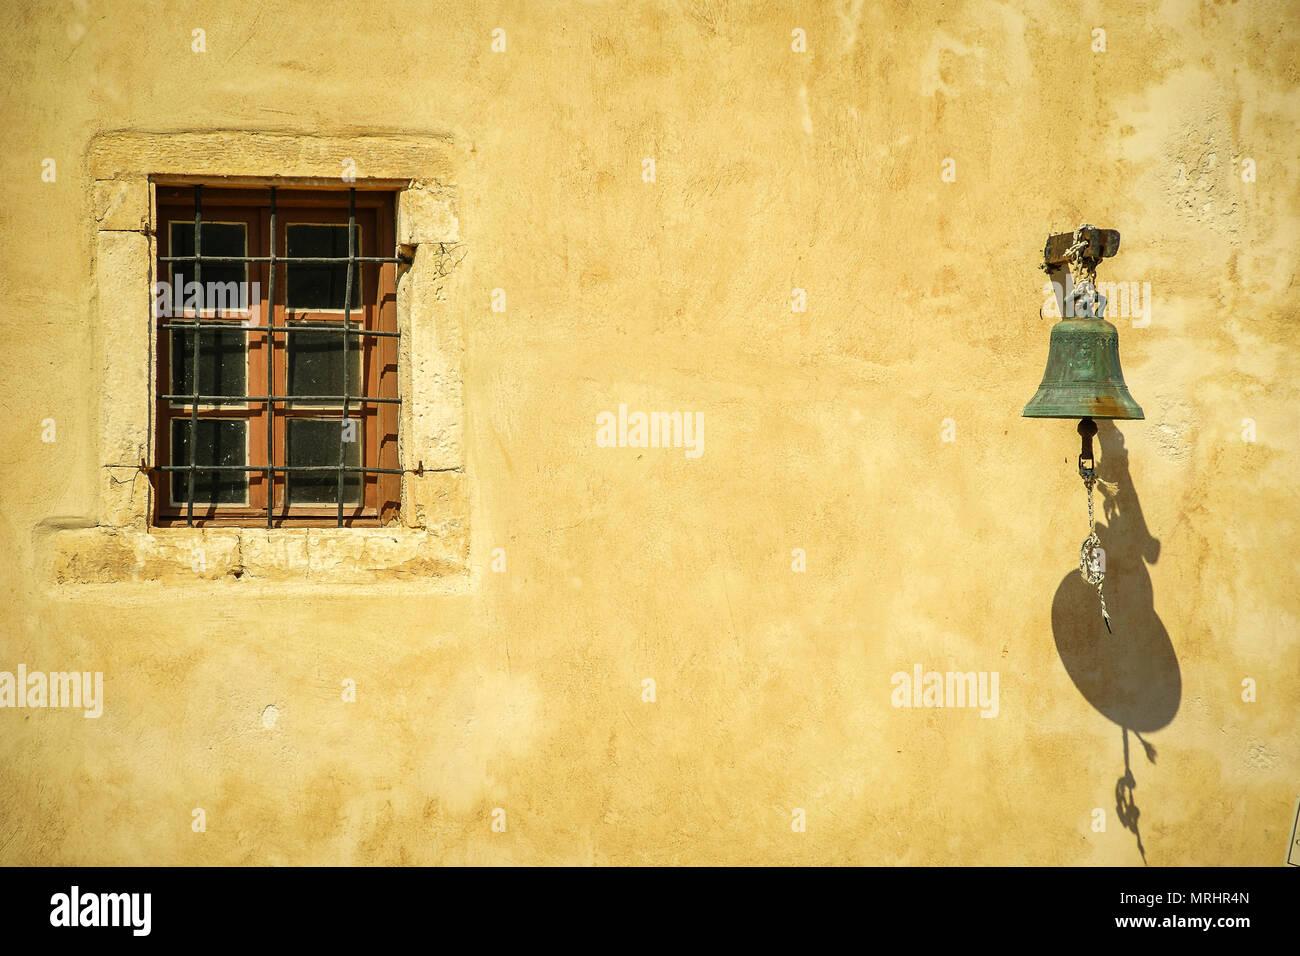 Fenster Glocke Wand Stockbild